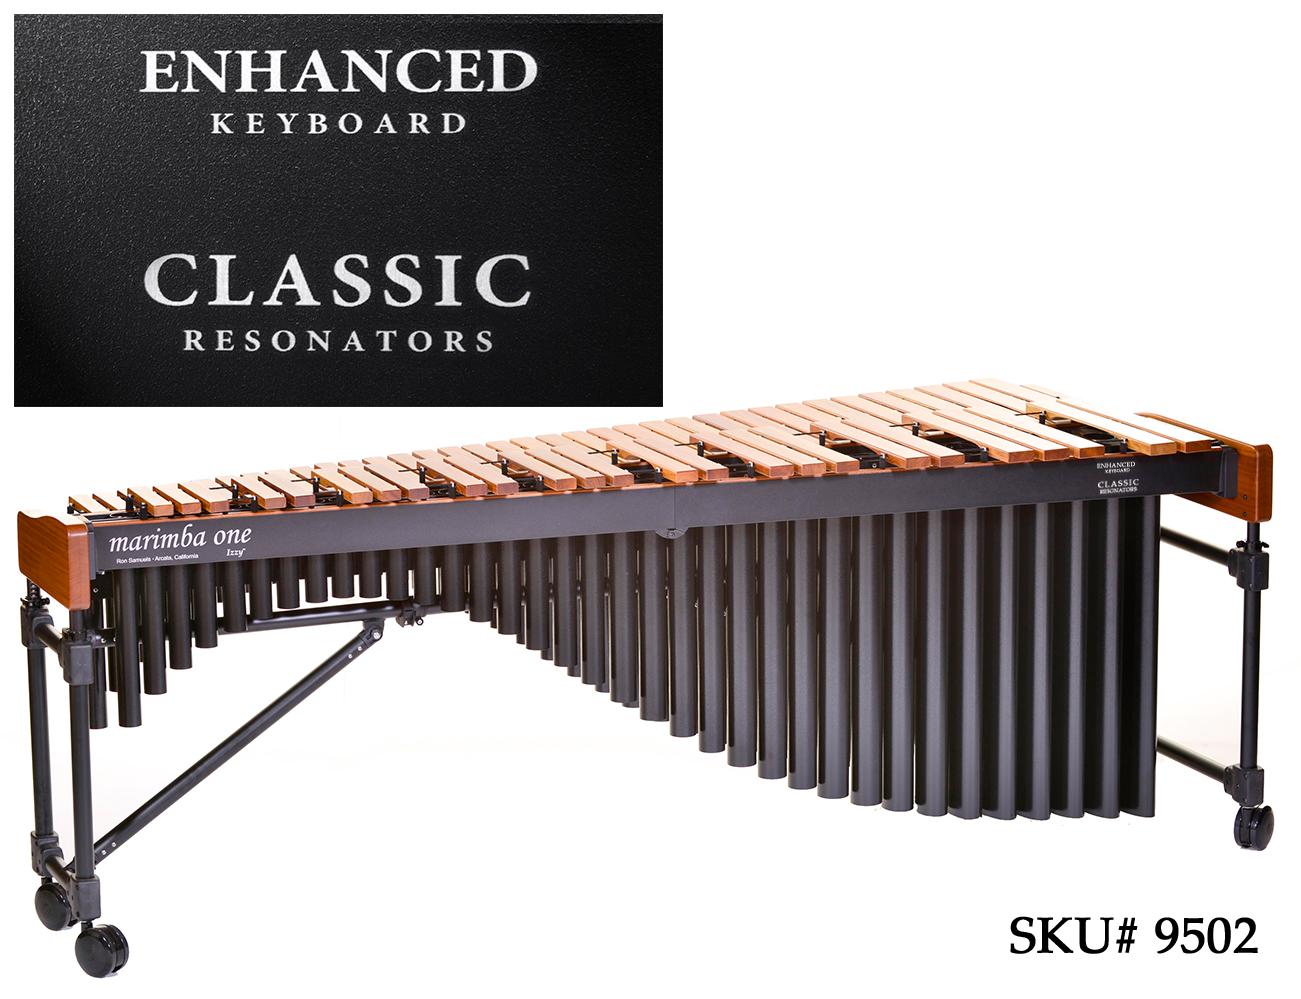 【店頭展示特価】marimba one(マリンバワン)コンサートマリンバ  IZZY シリーズ Enhanced&Classic(5オクターブ) #9502 セミハードケース付き